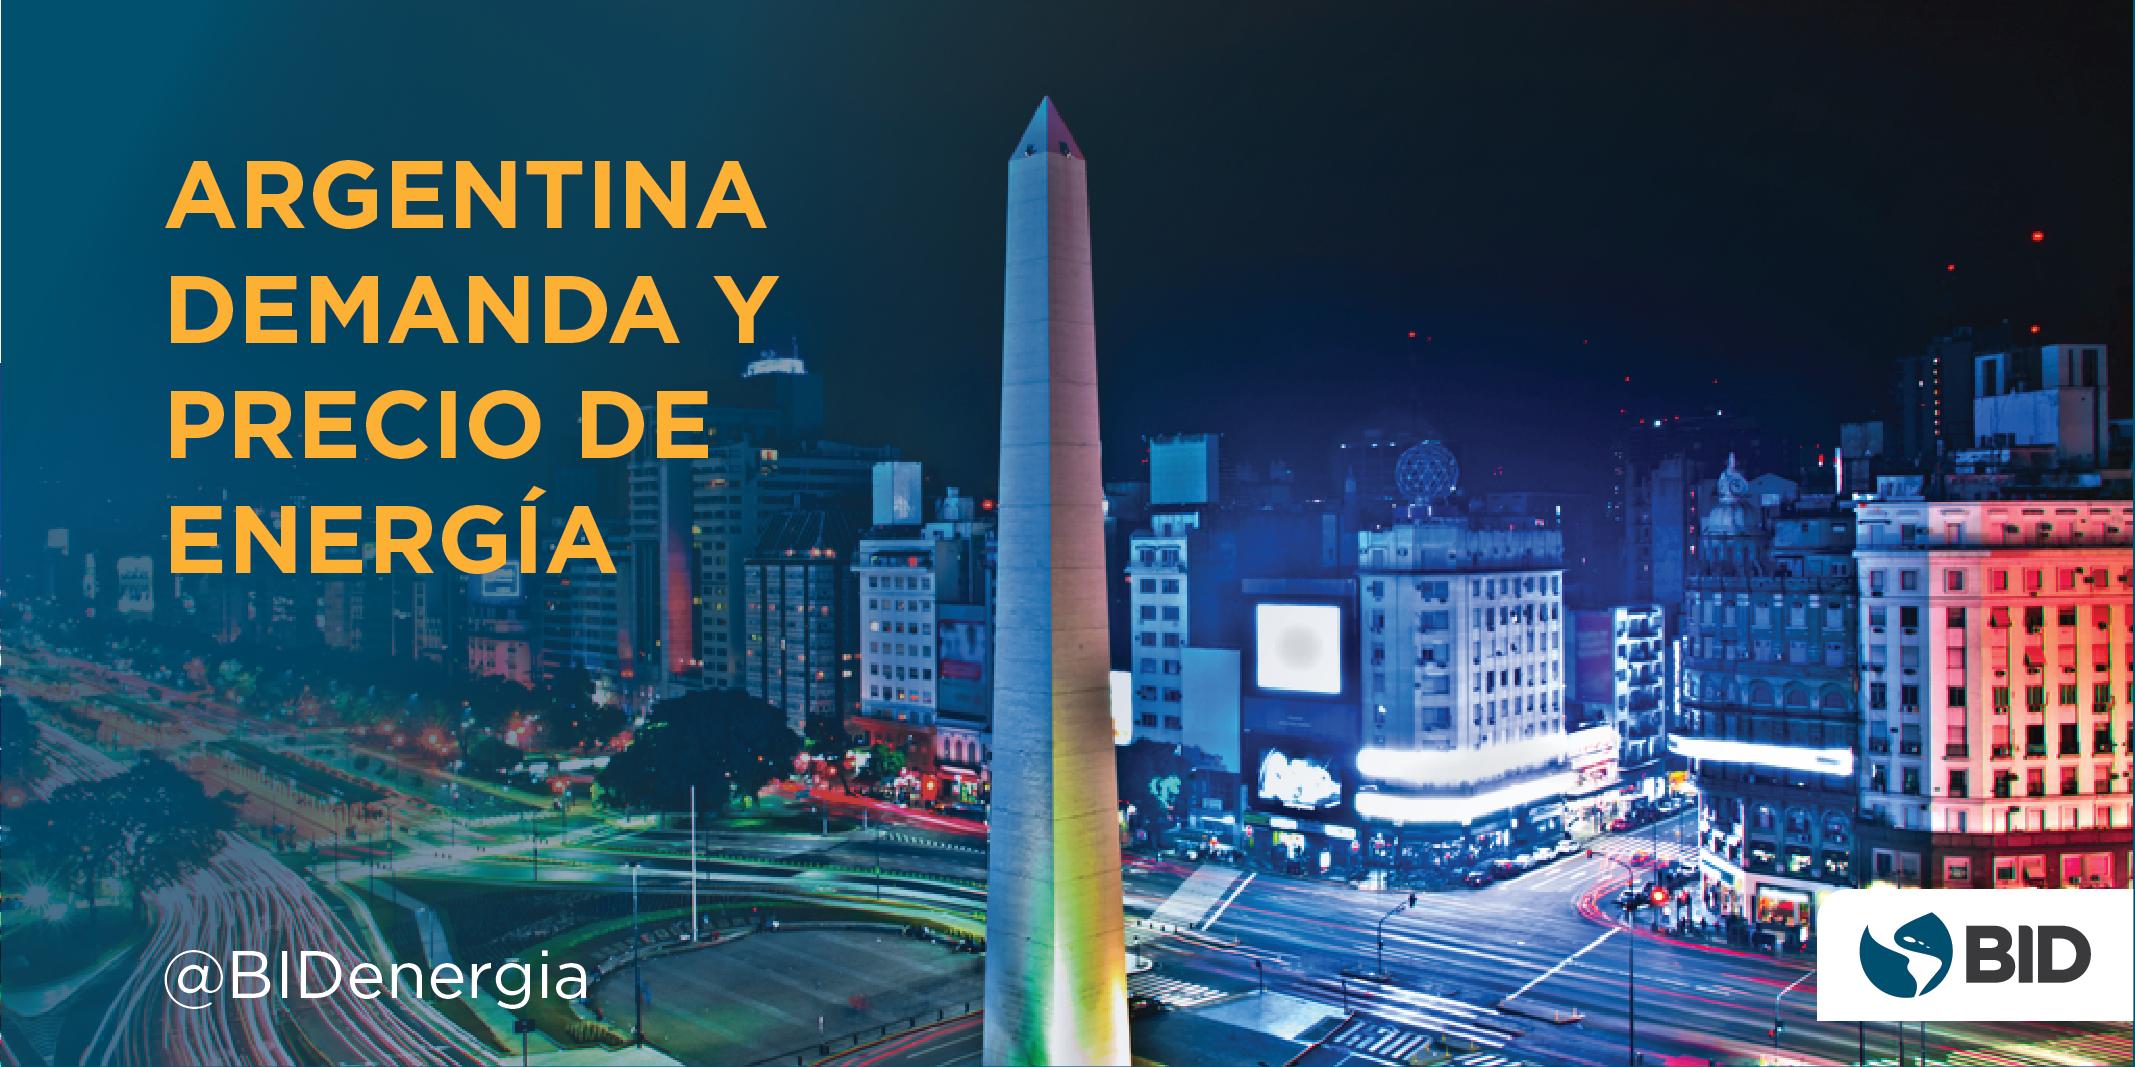 Ciudad de Buenos Aires-Argentina- Demanda y precio